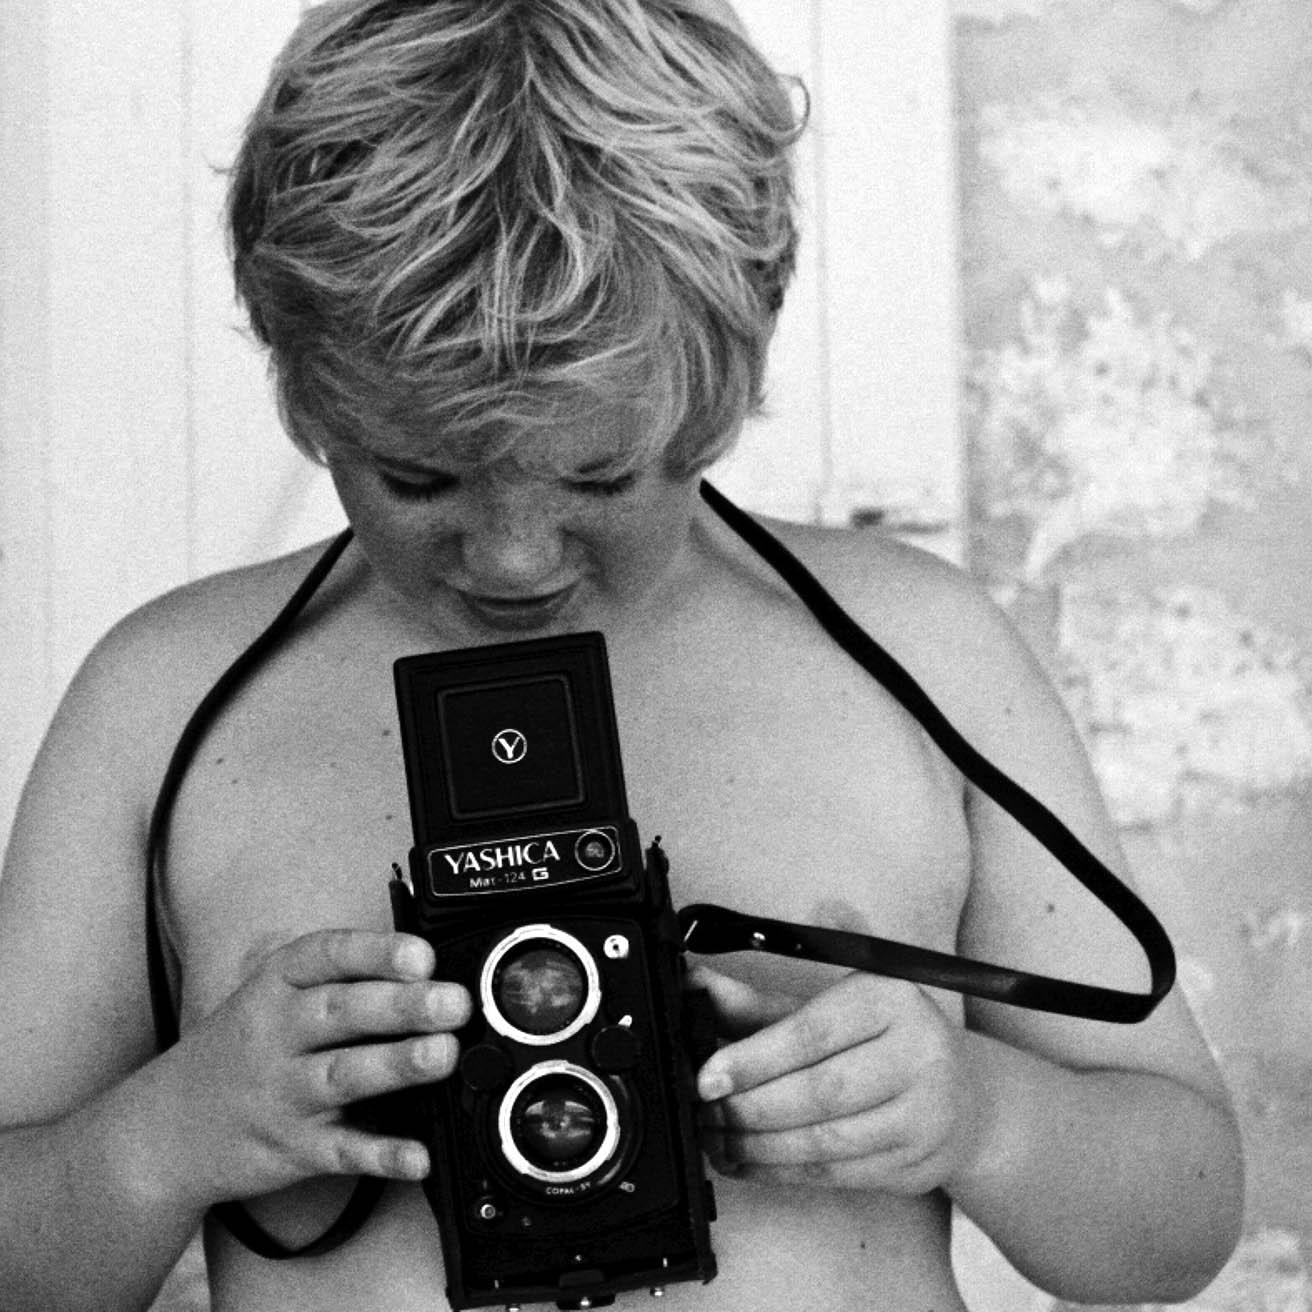 foto van een jongetje die in een analoge camera kijkt die hij voor zijn blote borst houdt